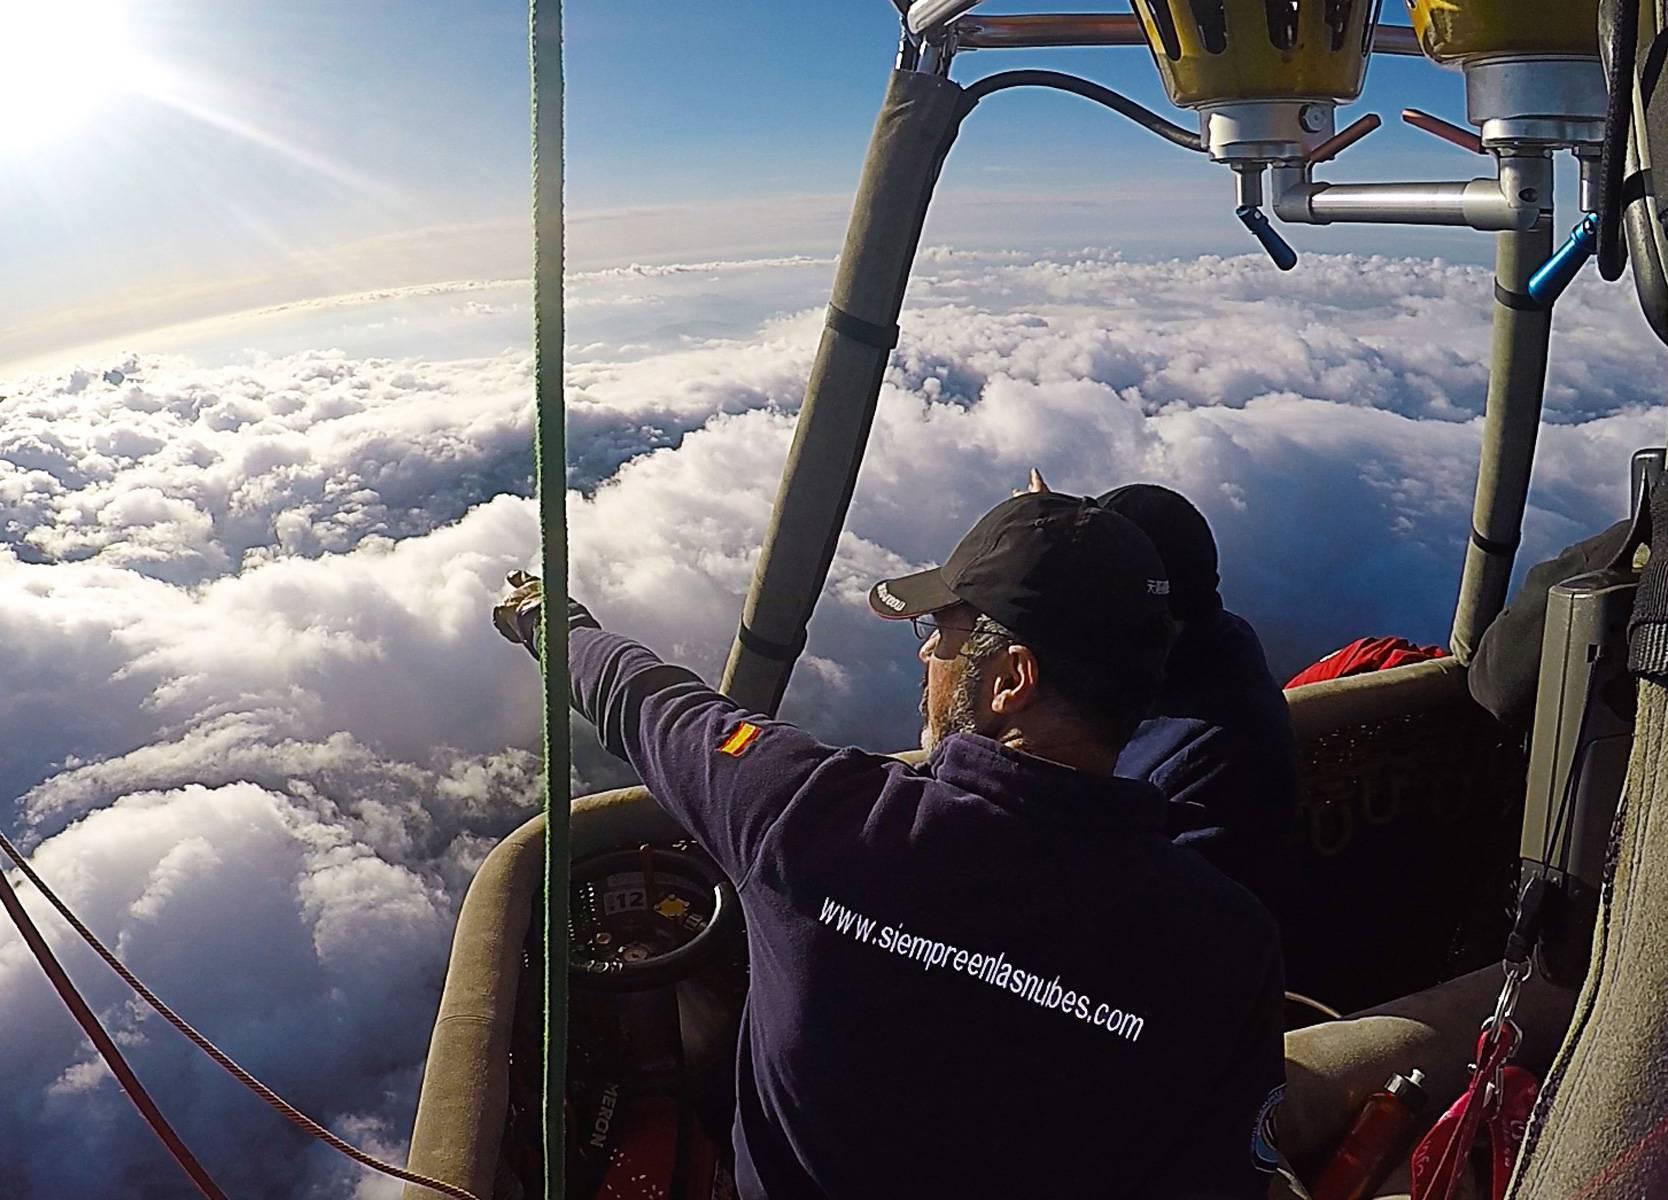 Contacto Siempre en las nubes